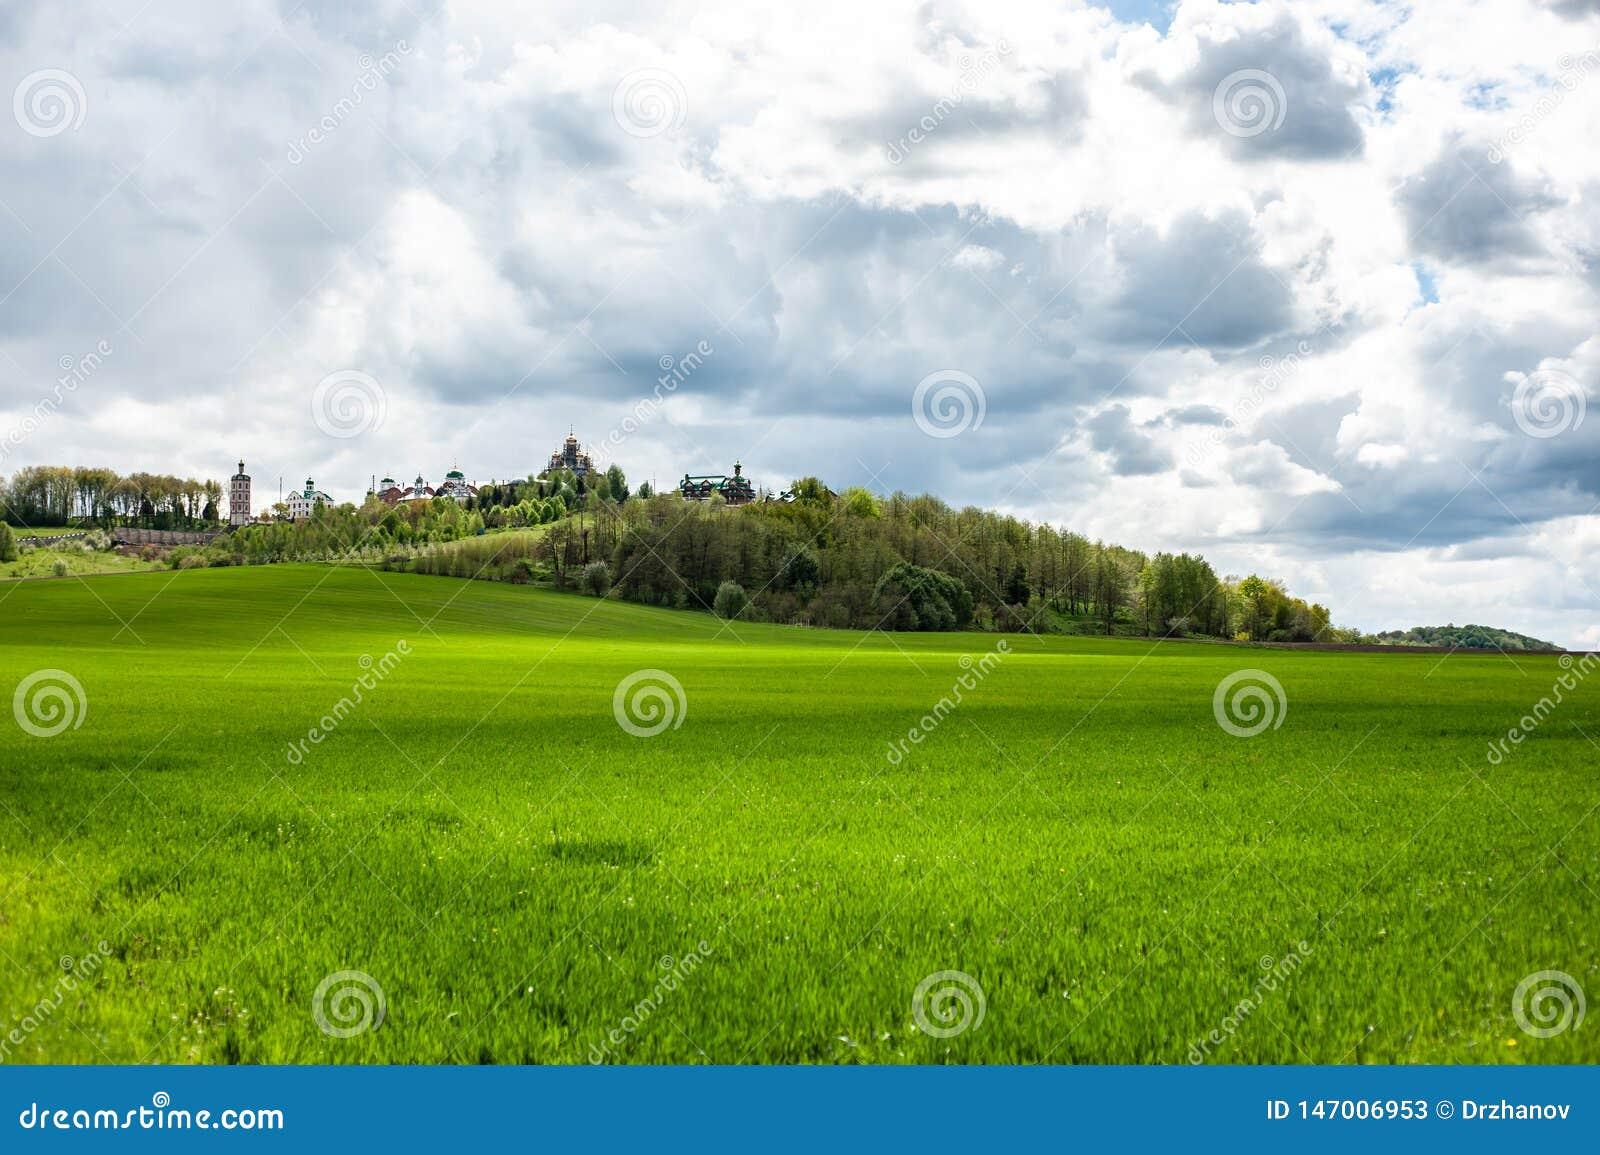 Paisaje de la primavera con la hierba verde, las colinas y los árboles, cielo nublado